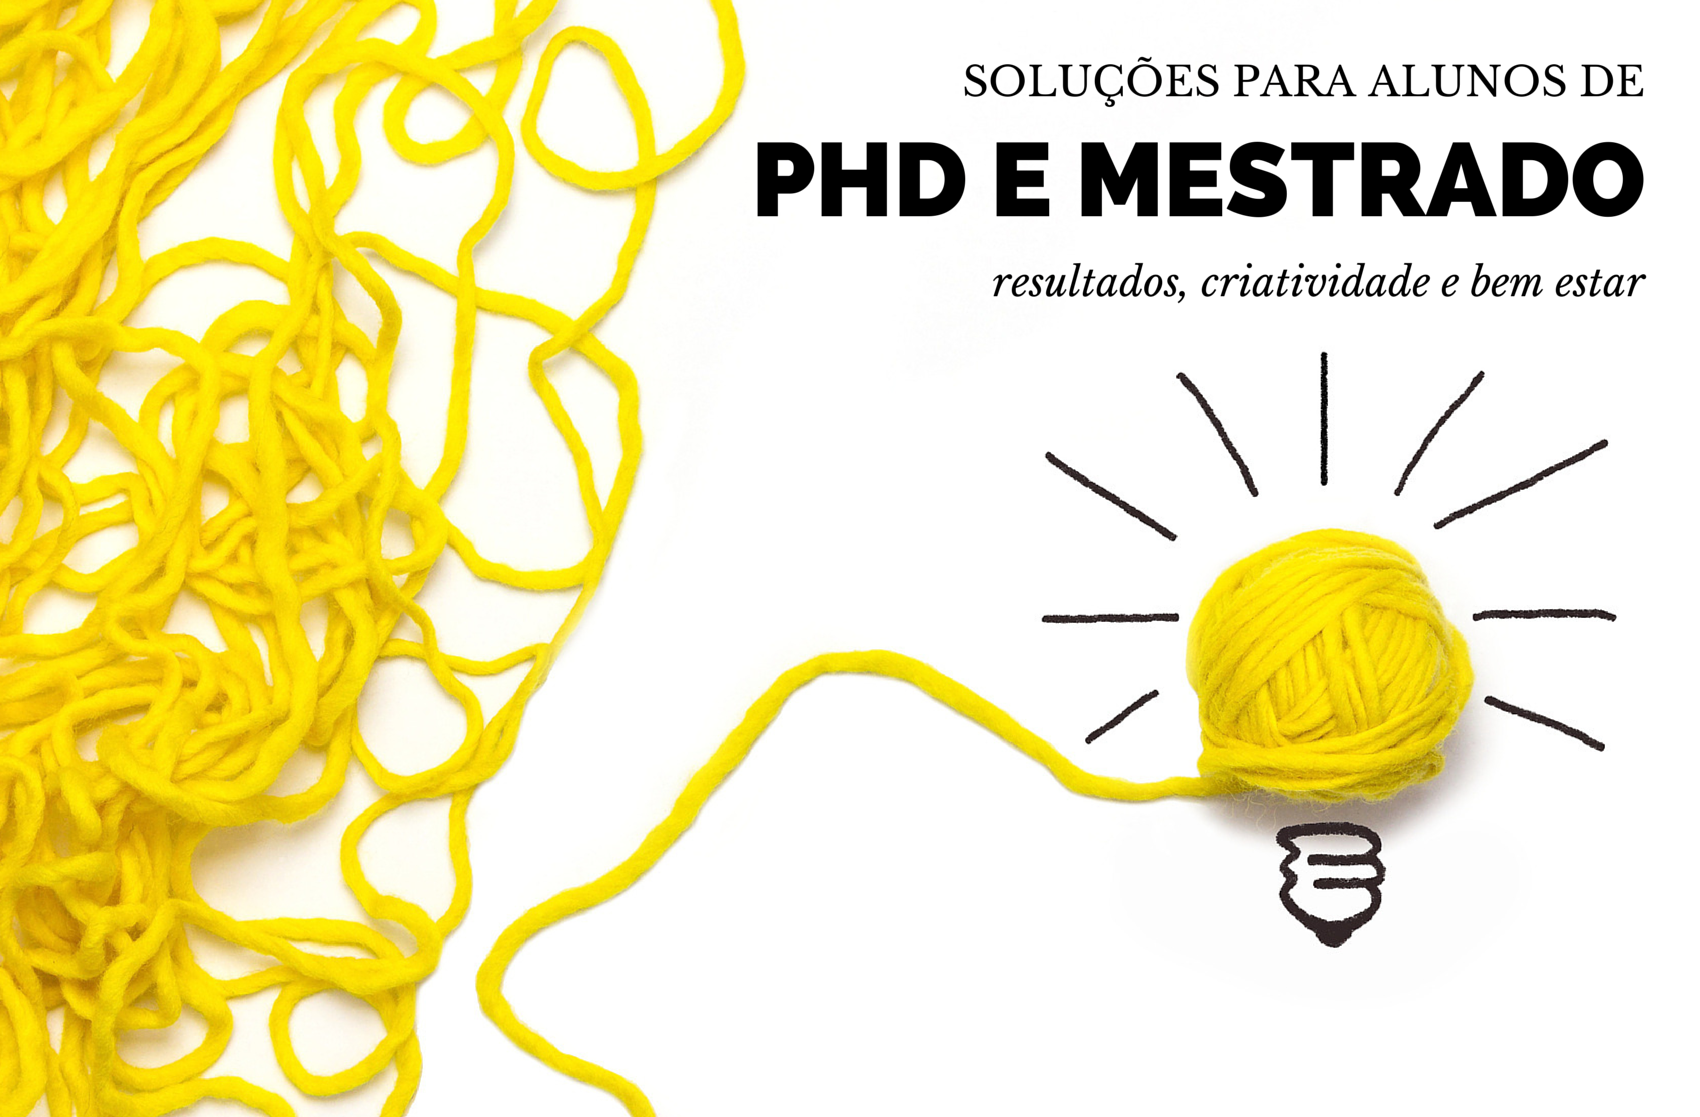 soluções phd doutoramento mestrado